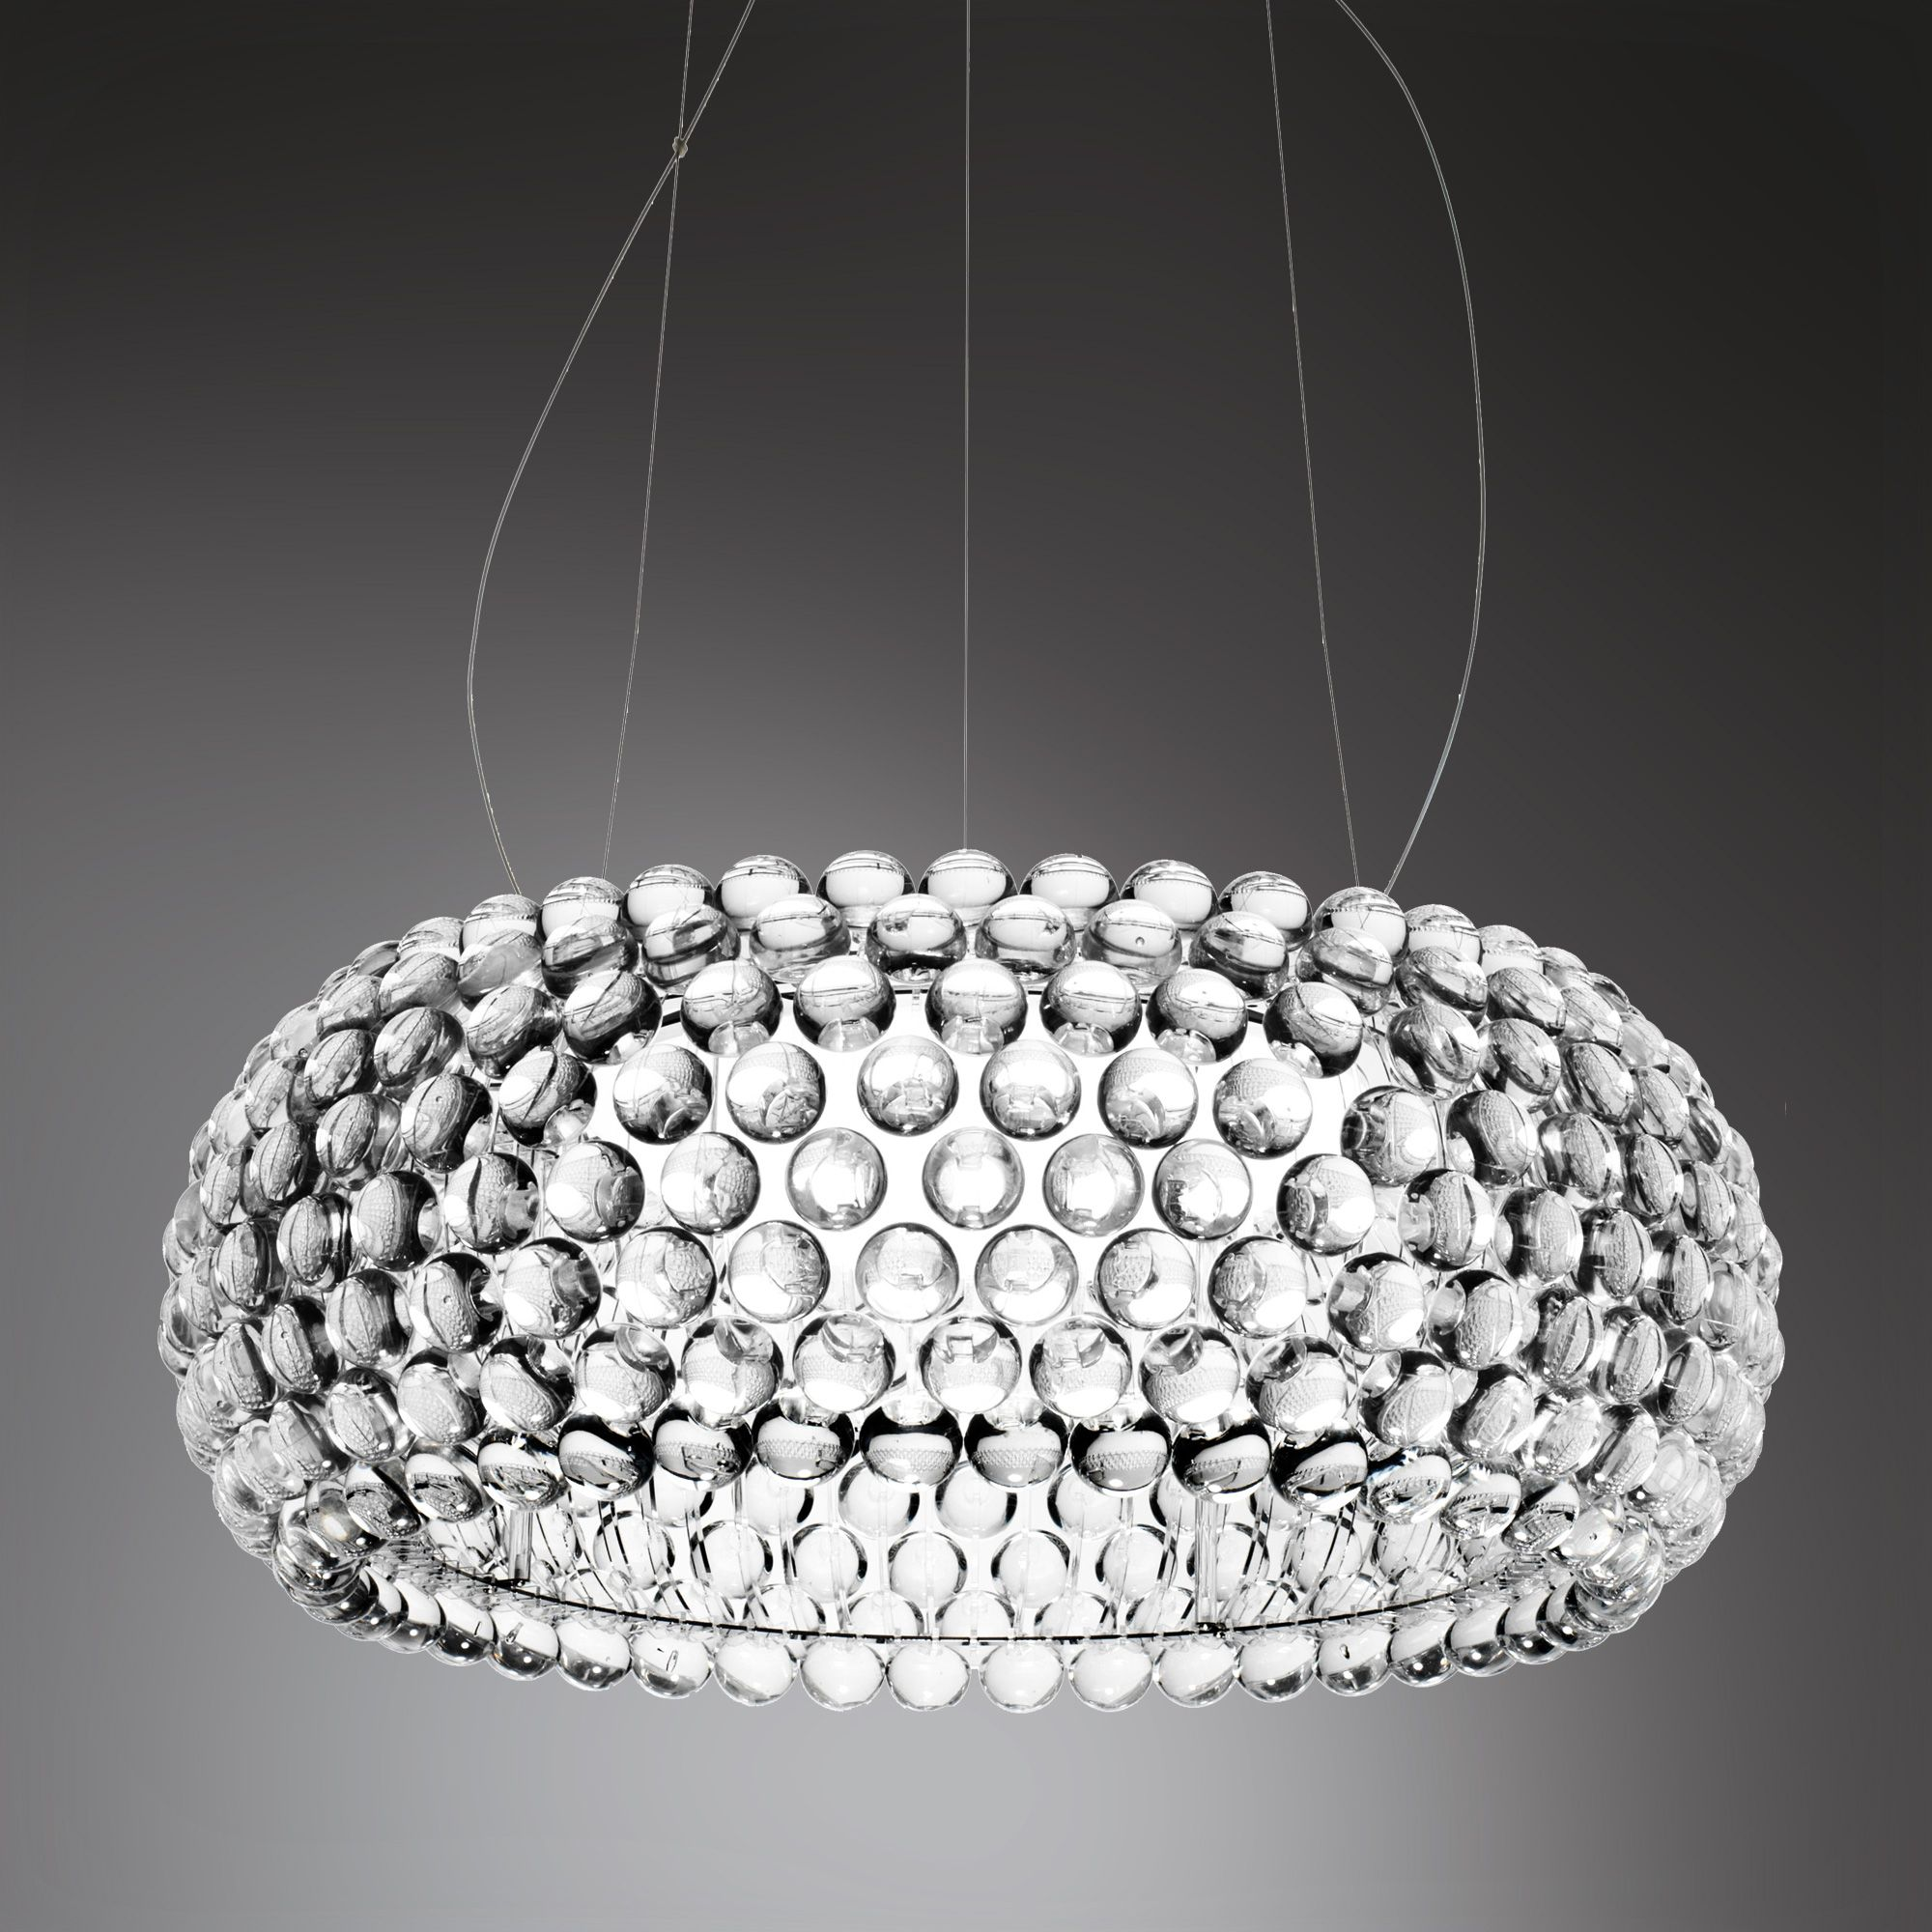 Lampe Caboche Patricia Urquiola foscarini caboche grande pendant light l: 70 h: max. 500 cm